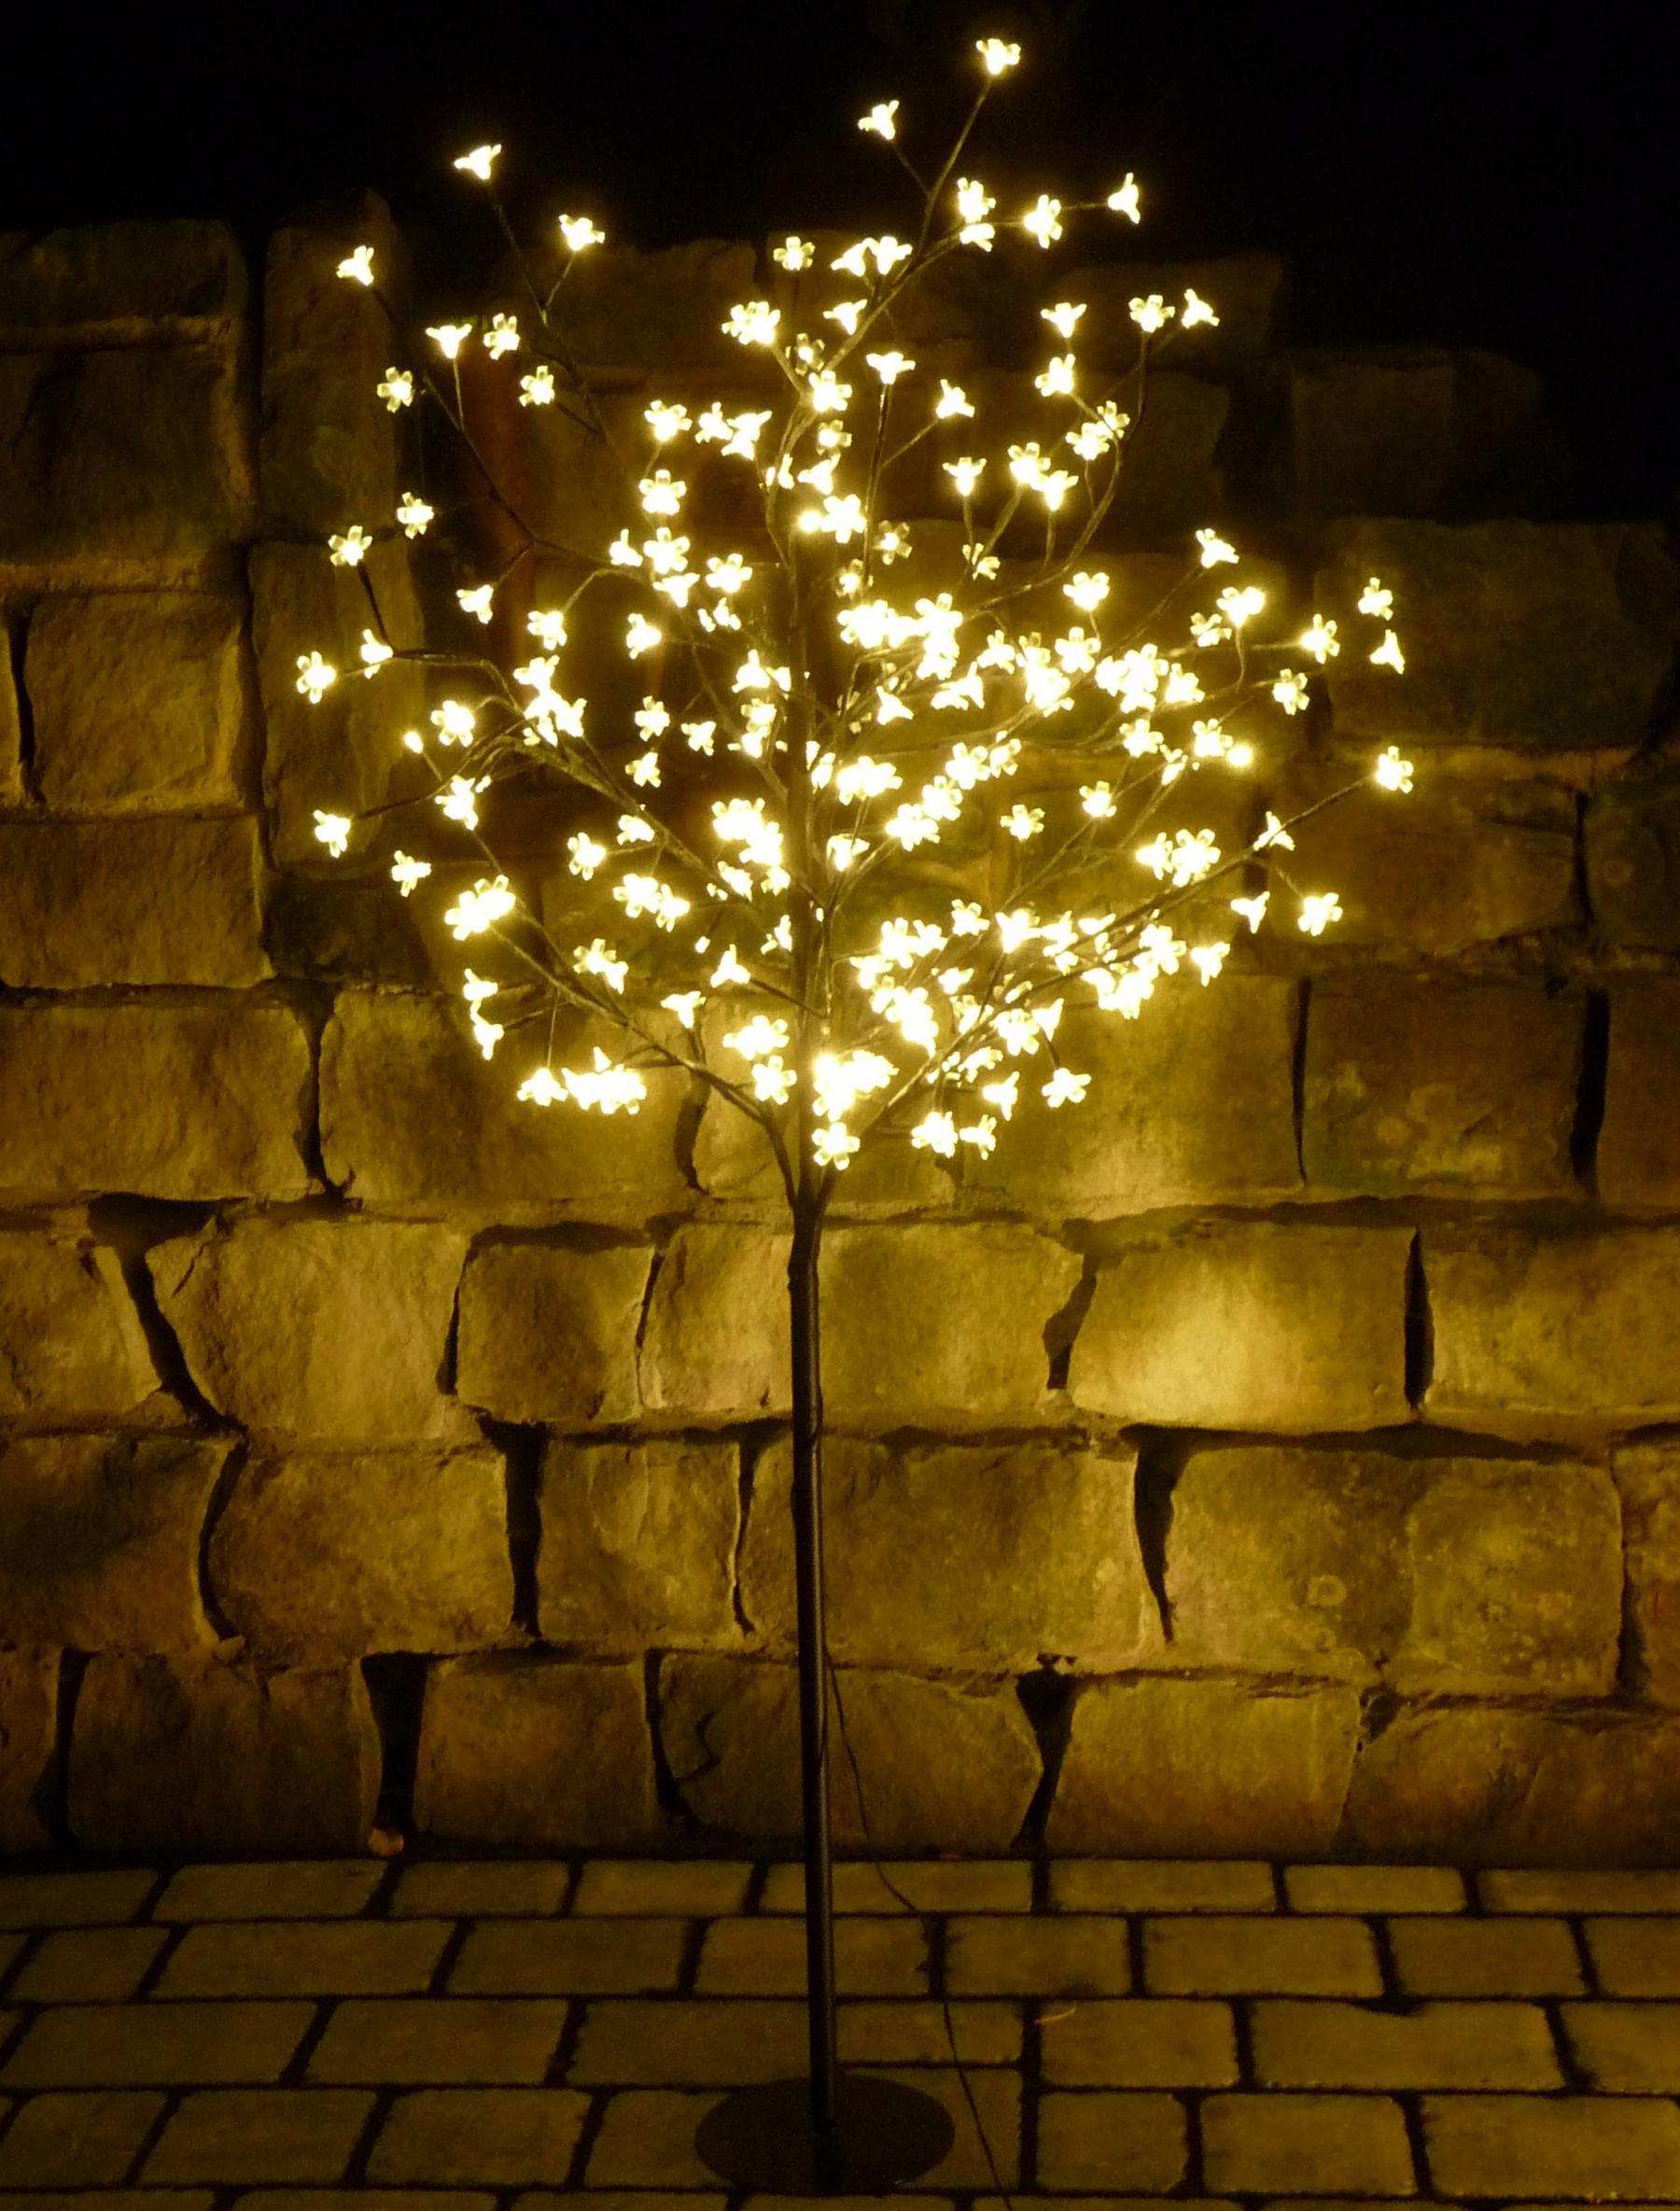 led baum 180 bl ten lichterbaum warmweiss h he 150cm f r innen au en kaufen bei wim shop. Black Bedroom Furniture Sets. Home Design Ideas